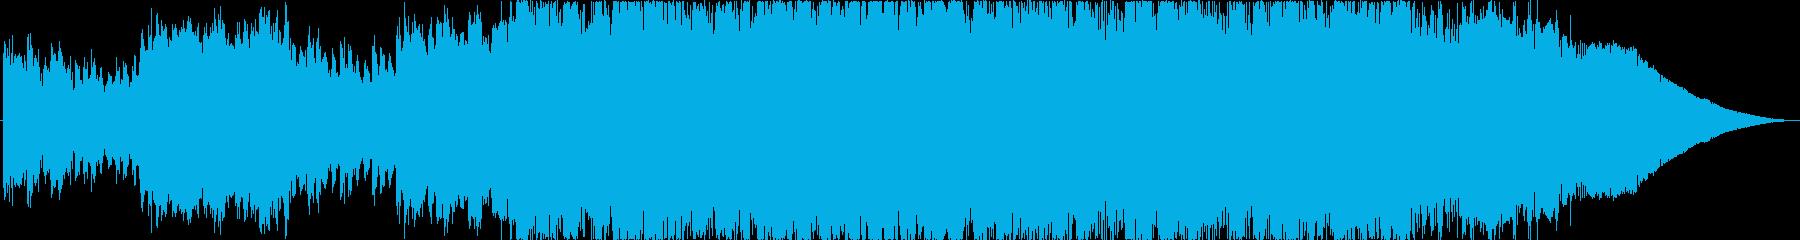 緊張感のある派手なフルオーケストラの再生済みの波形